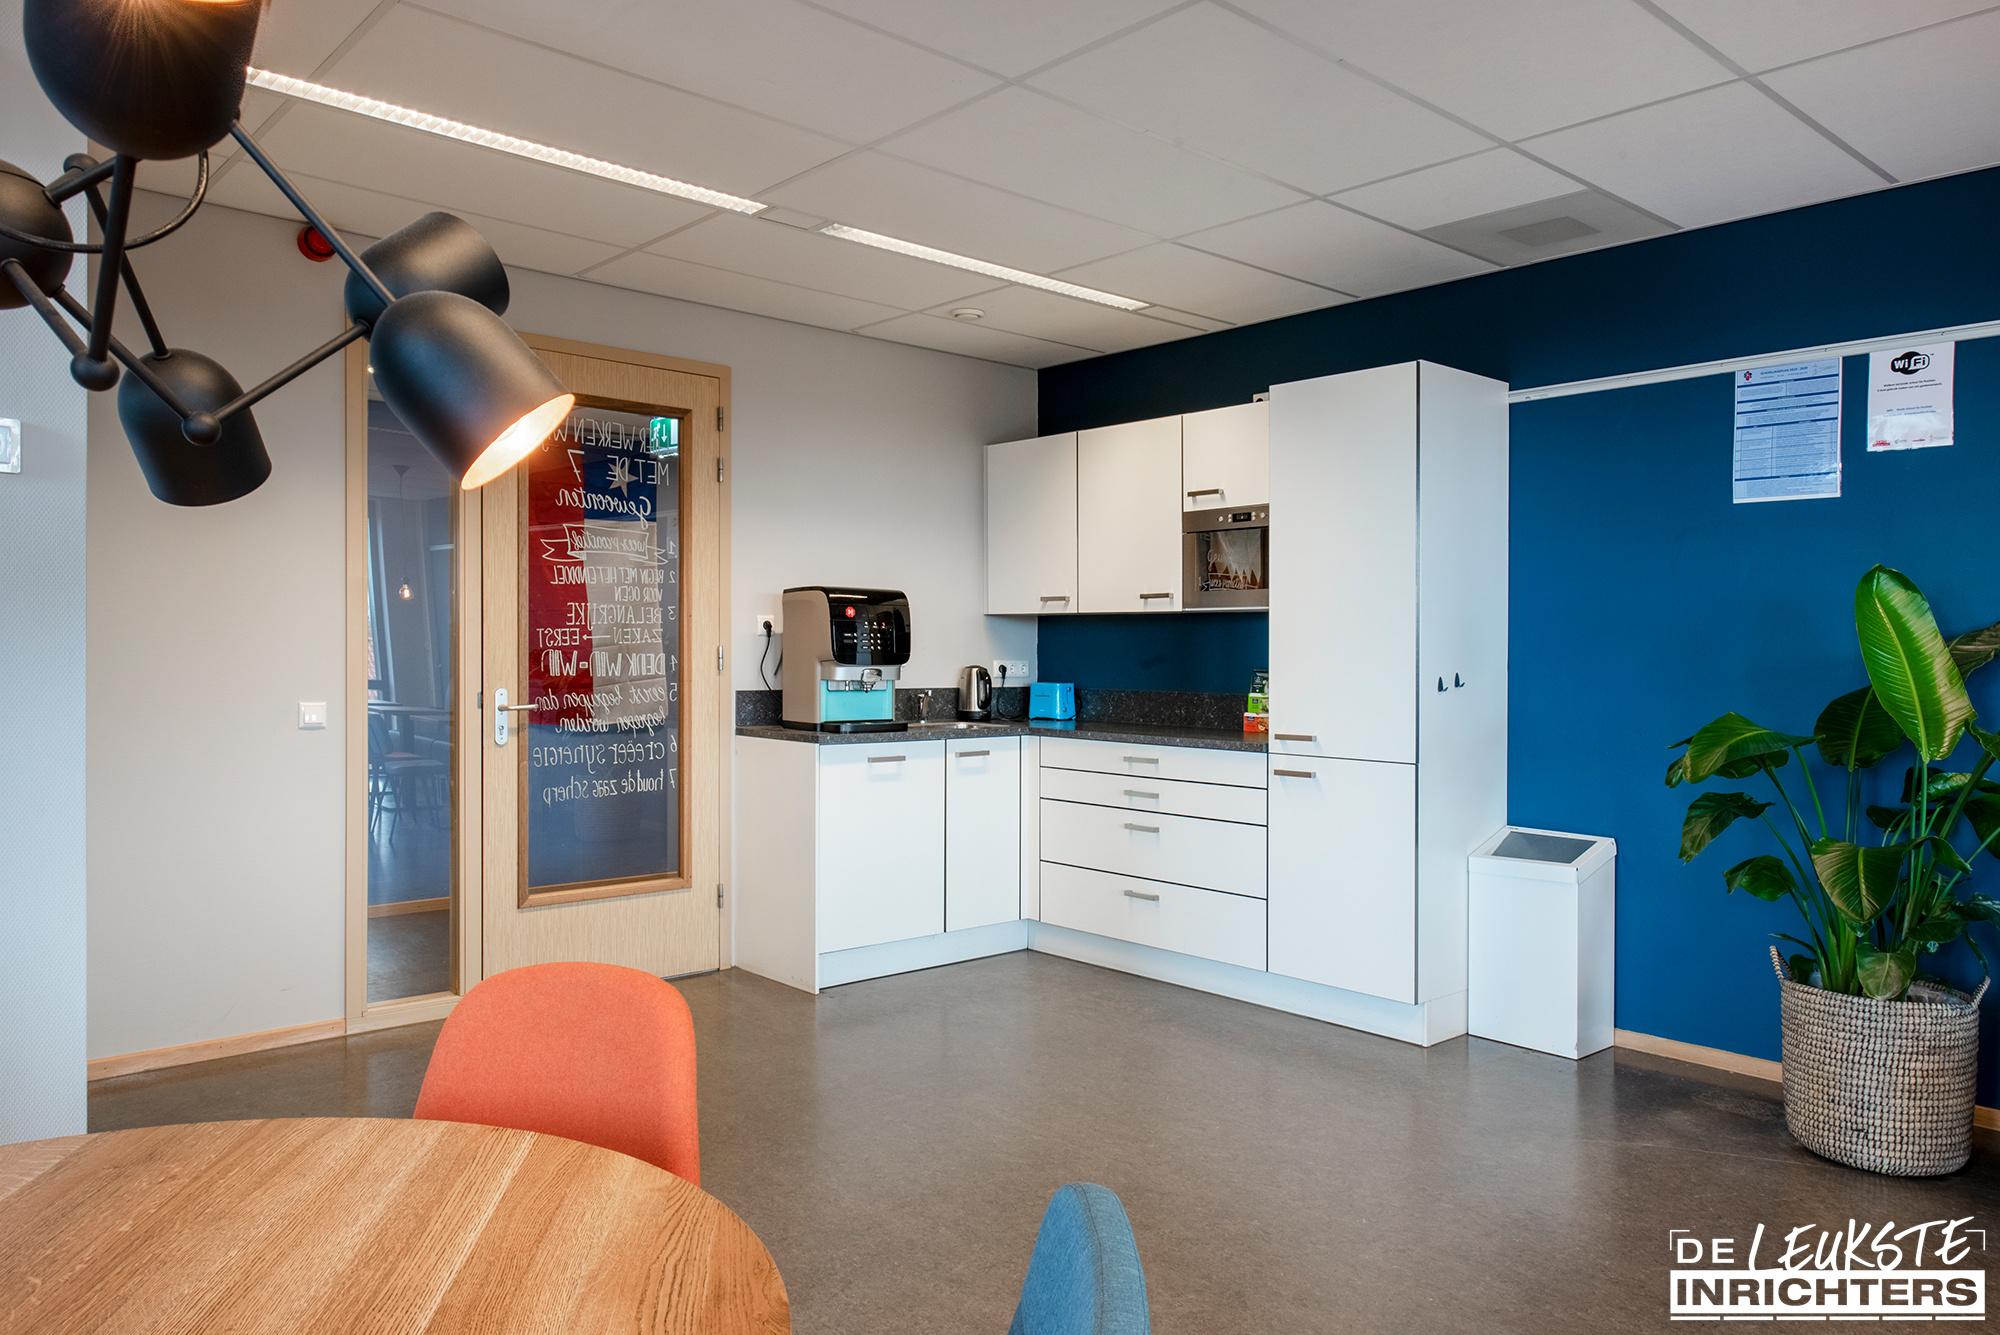 Personeelskamer inrichting De Windwijzer Den Helder keuken